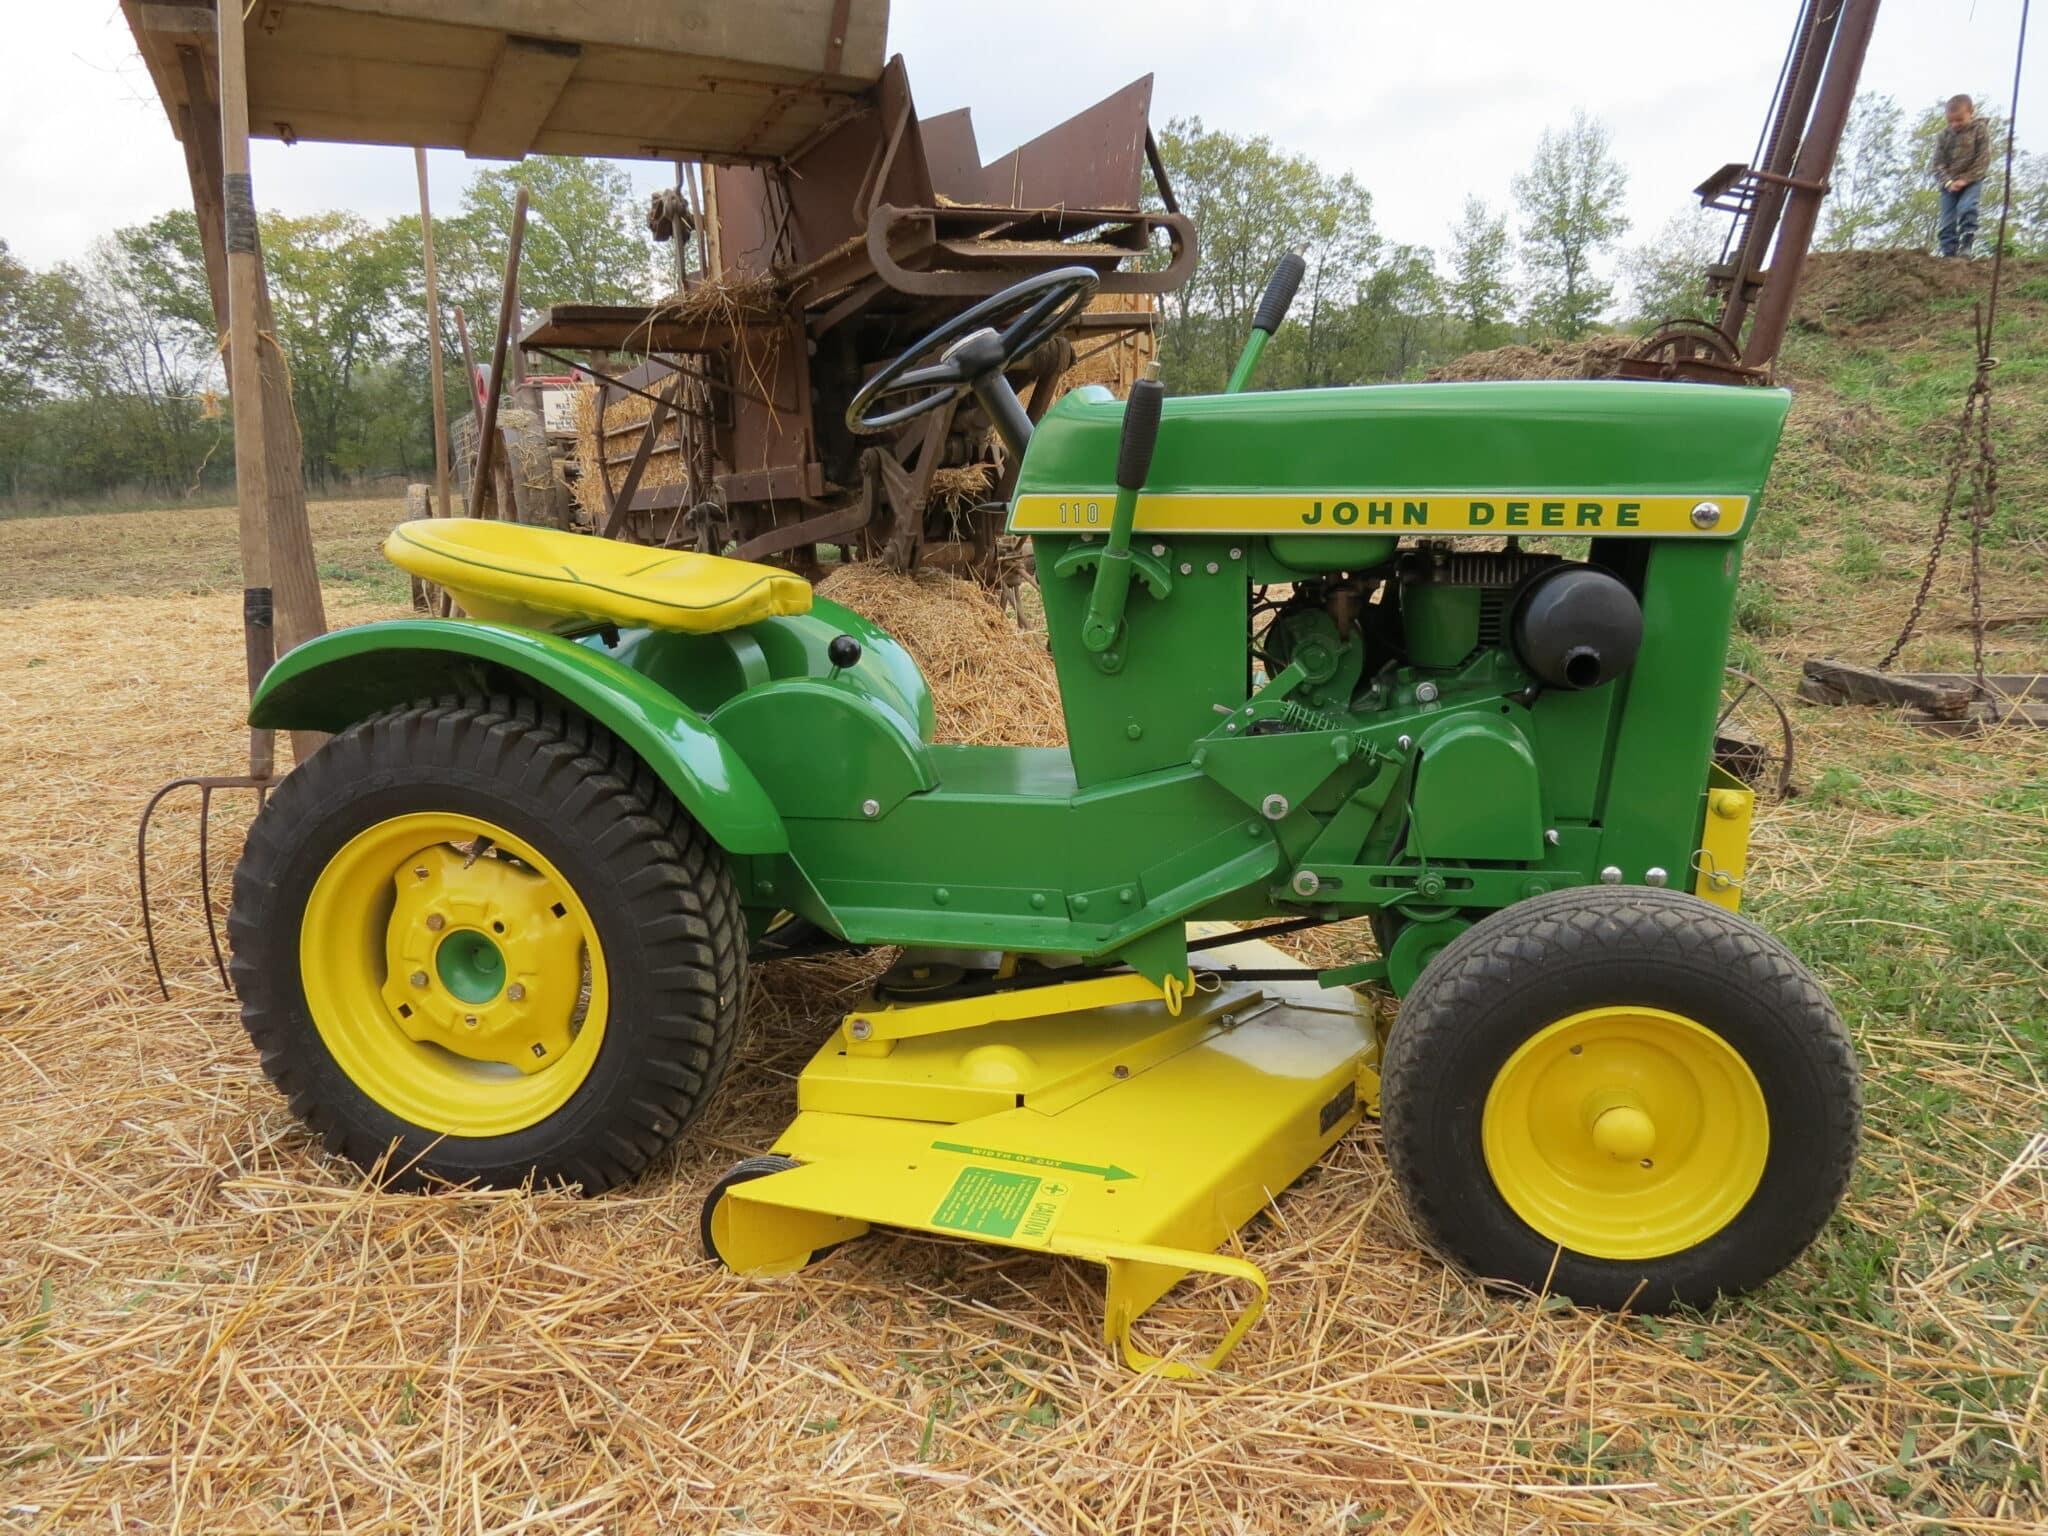 John Deere 110 Vintage Lawn and Garden Tractor